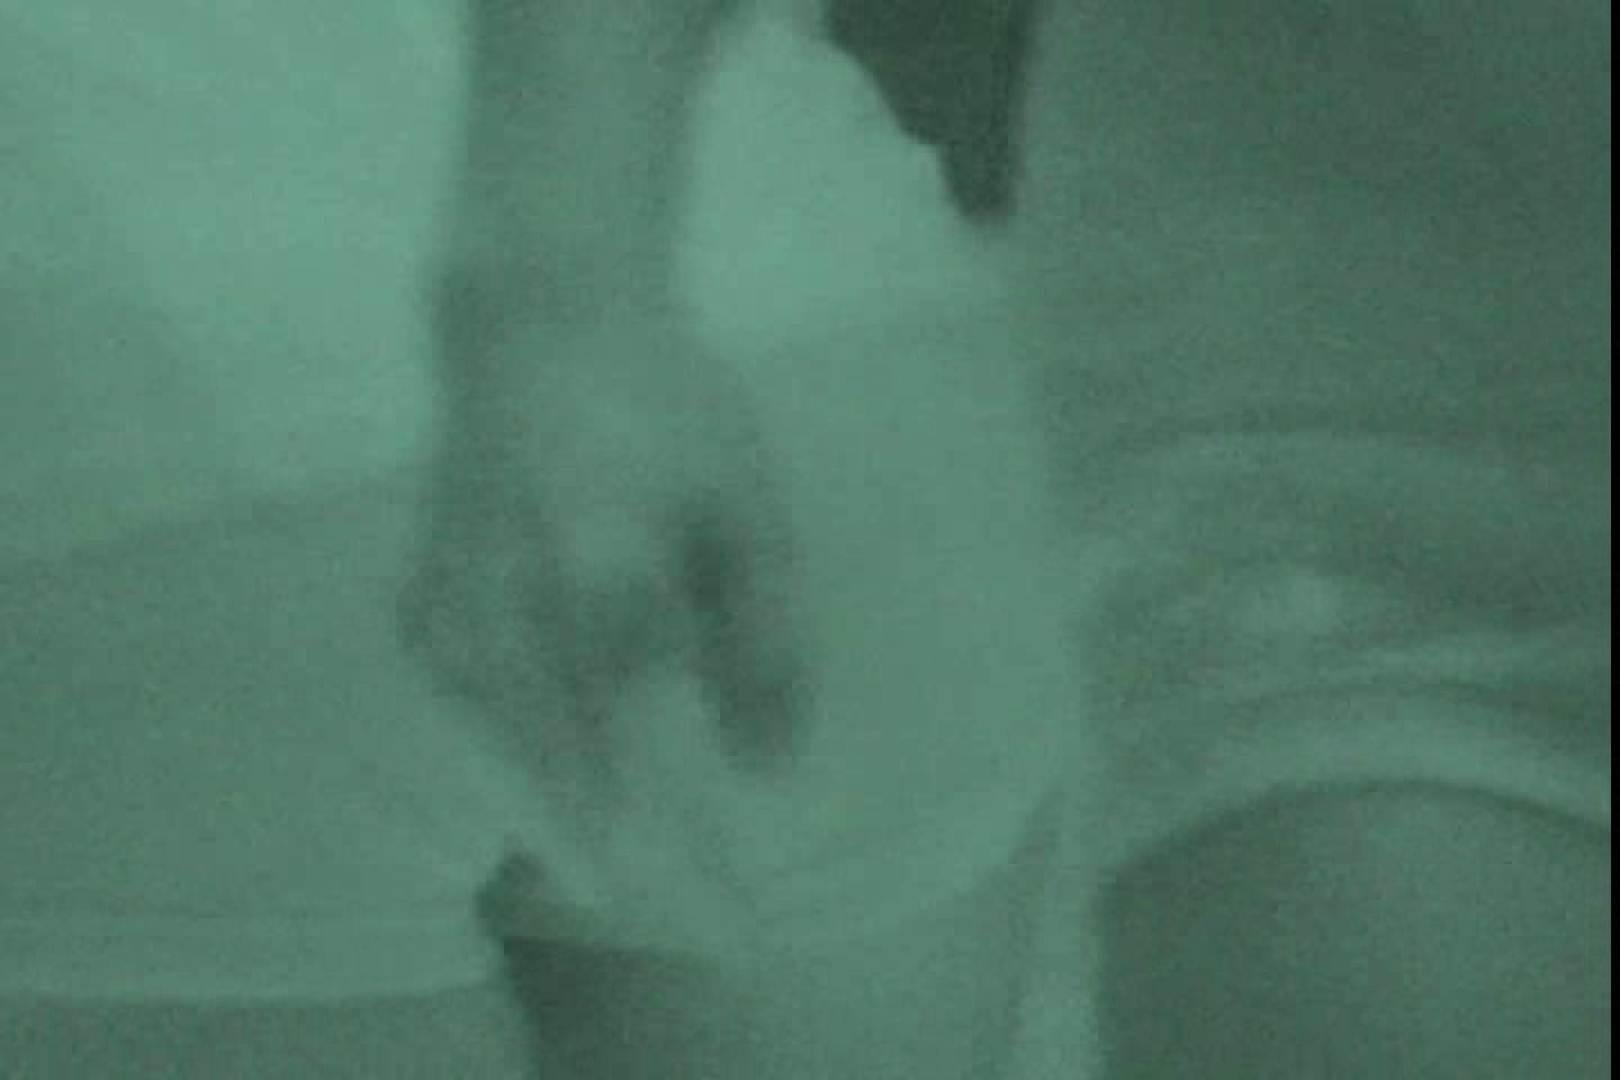 赤外線ムレスケバレー(汗) vol.02 アスリート | 美しいOLの裸体  93pic 25